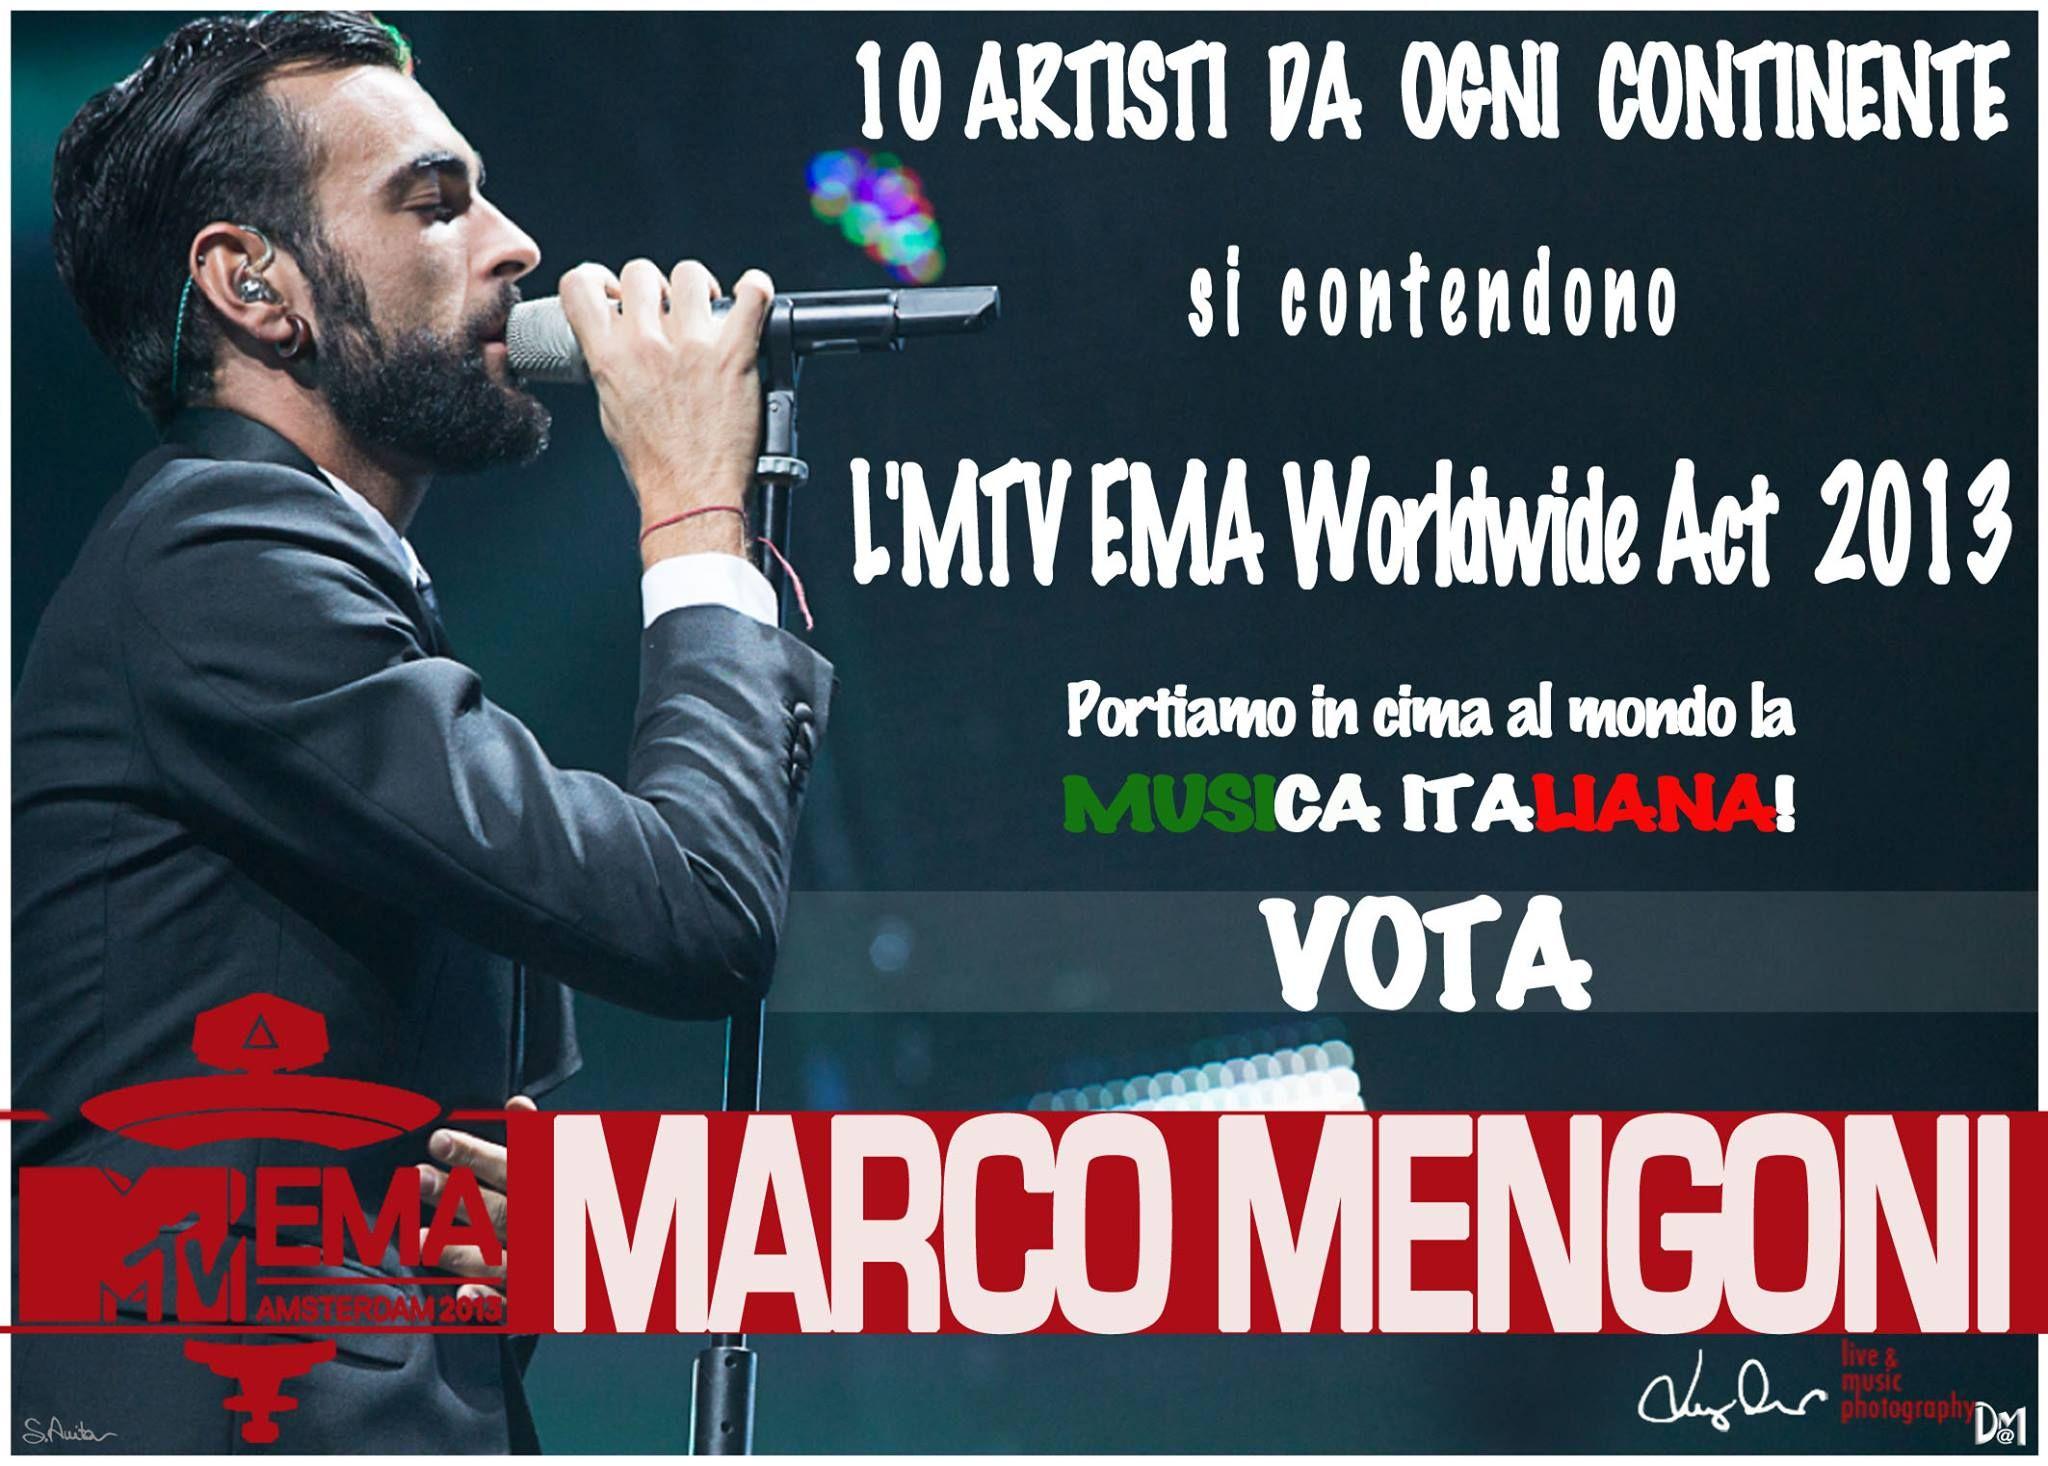 Marco Mengoni agli MTV EMA 2013. VOTATE VOTATE VOTATE fino all'8Novembre per il #WorldwideAct PORTIAMO MARCO AD AMSTERDAM!  Link dove votare qui: http://it.mtvema.com/vota#cat=worldwide-act